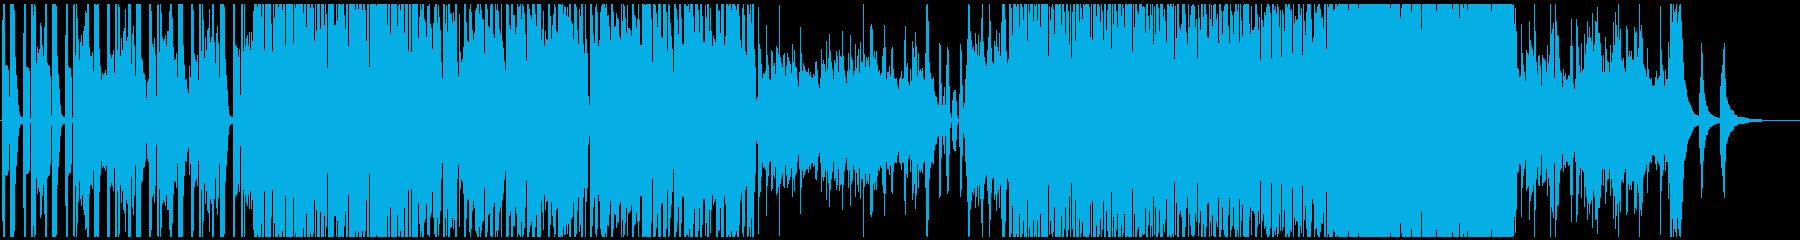 チュートリアルで流れる明るくおしゃれの再生済みの波形